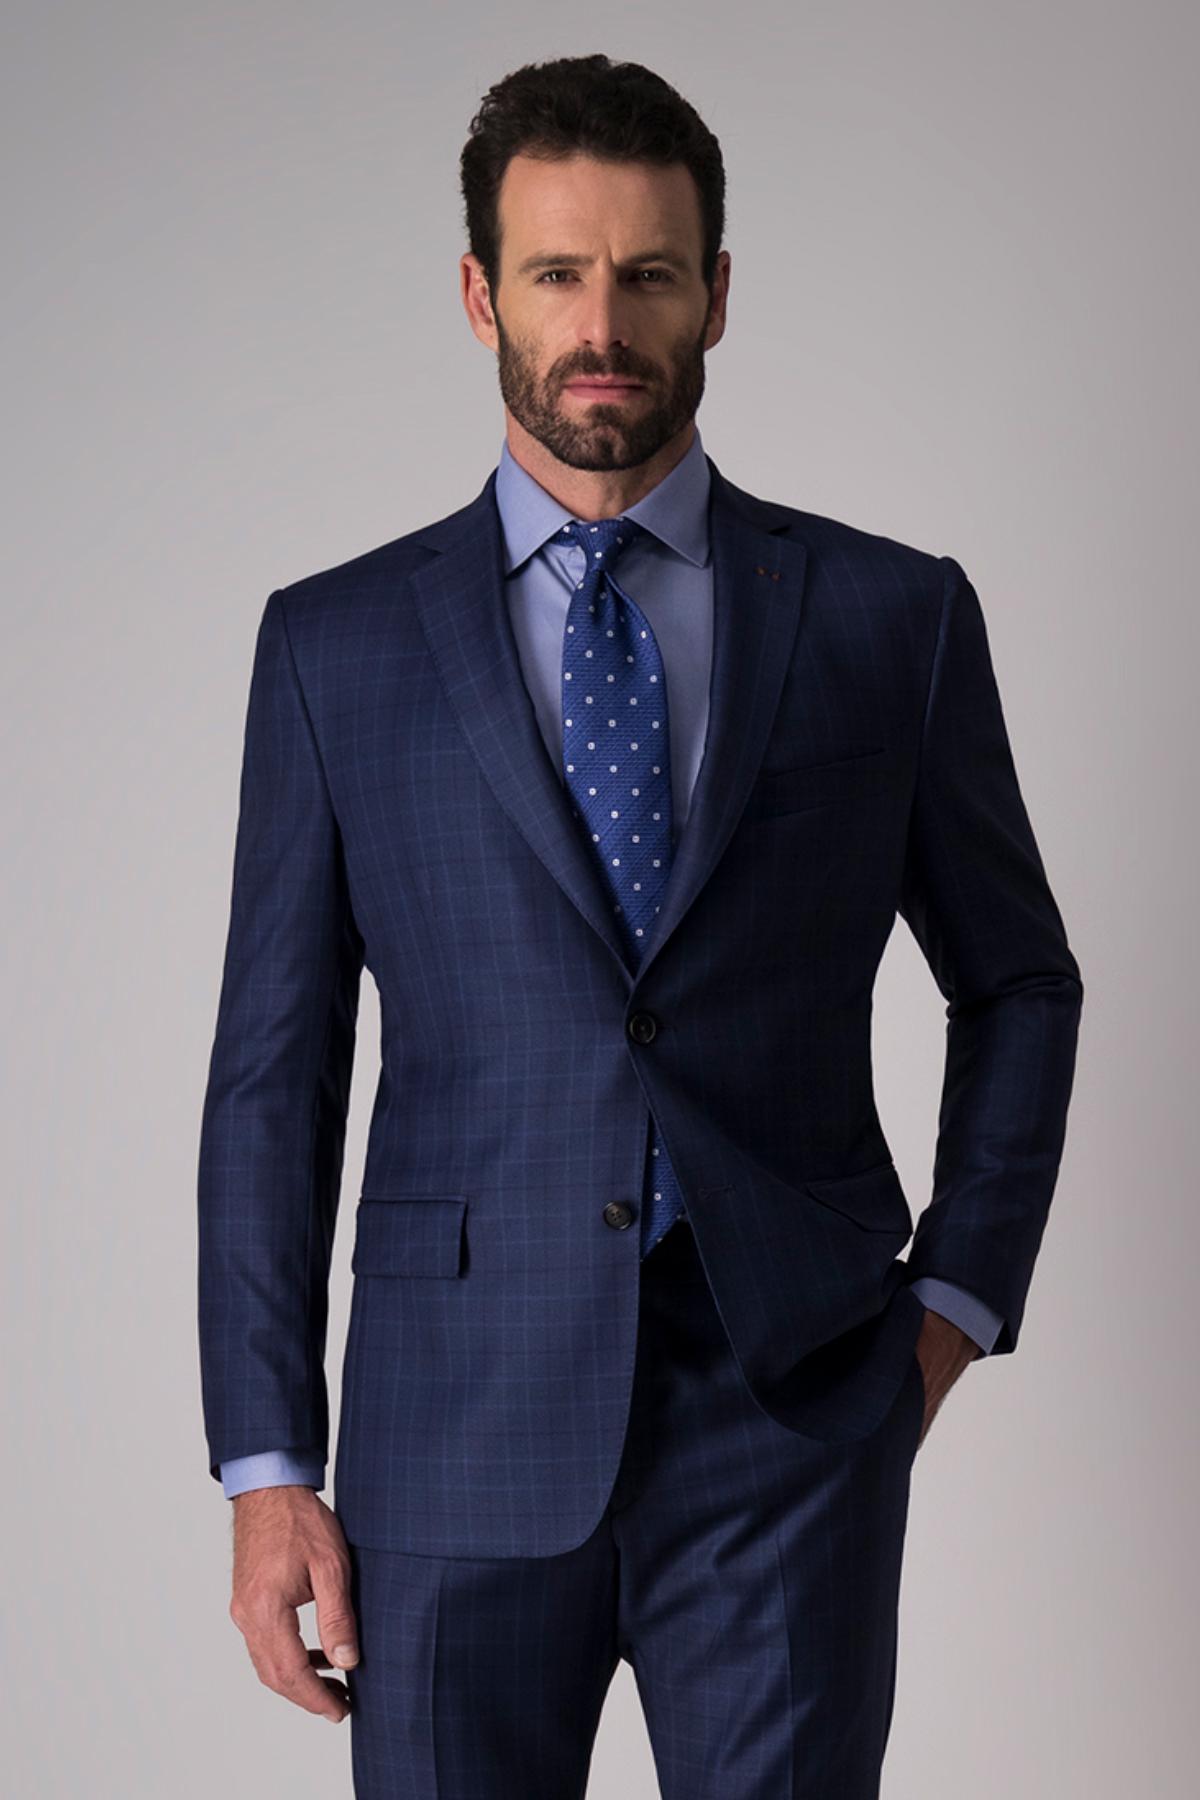 Traje Calderoni Couture, tejido italiano azul, slim fit.